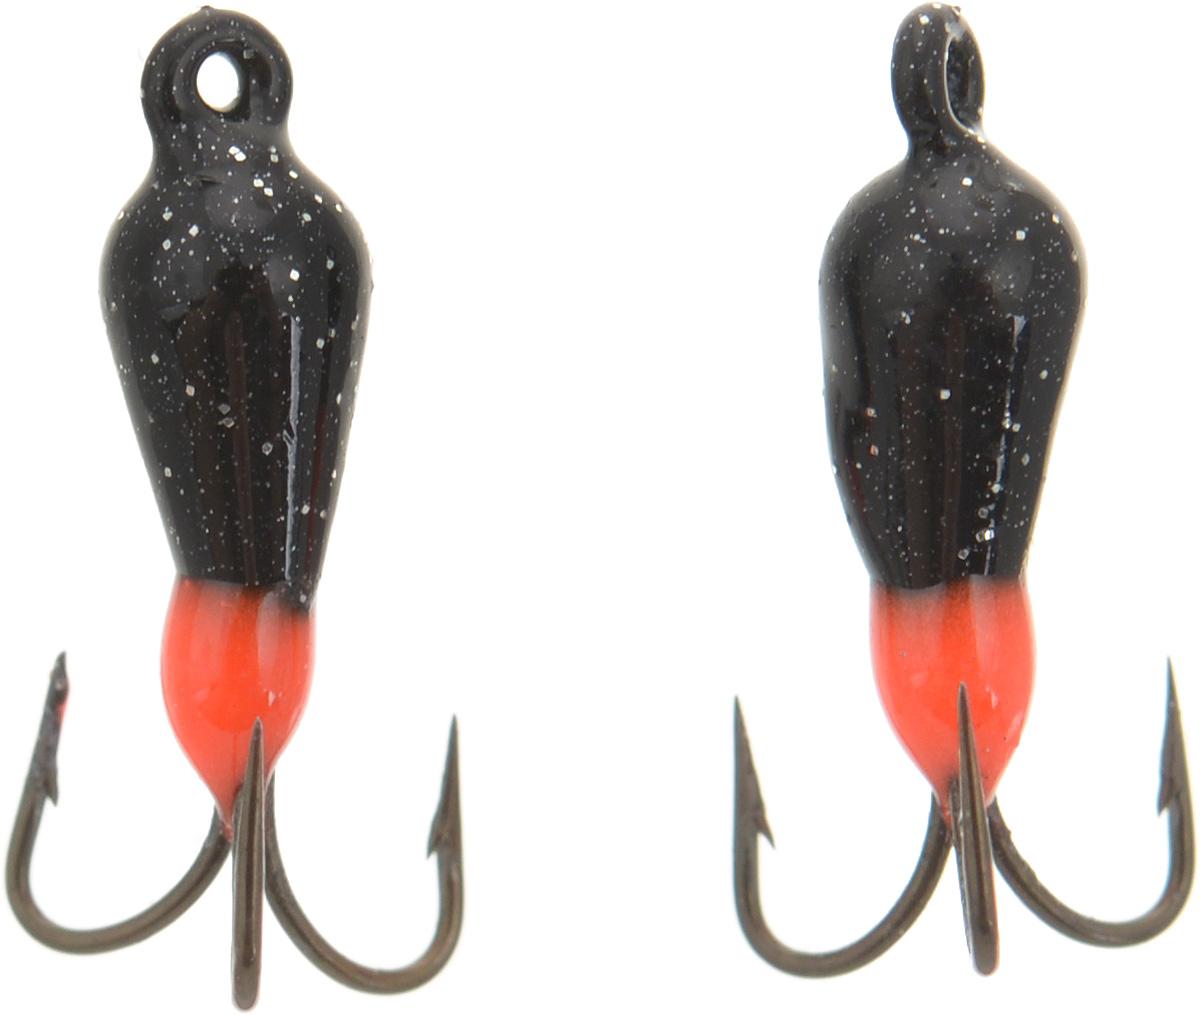 Чертик вольфрамовый Finnex, цвет: черный, красный, 0,38 г, 2 штT1BD_черный, красныйВольфрамовый чертик Finnex - одна из самых популярных приманок для ловли леща, плотвы и другой белой рыбы. Особенно хорошо работает приманка на всевозможных водохранилищах. Не пропустит ее и другая рыба, в том числе окунь, судак и щука.